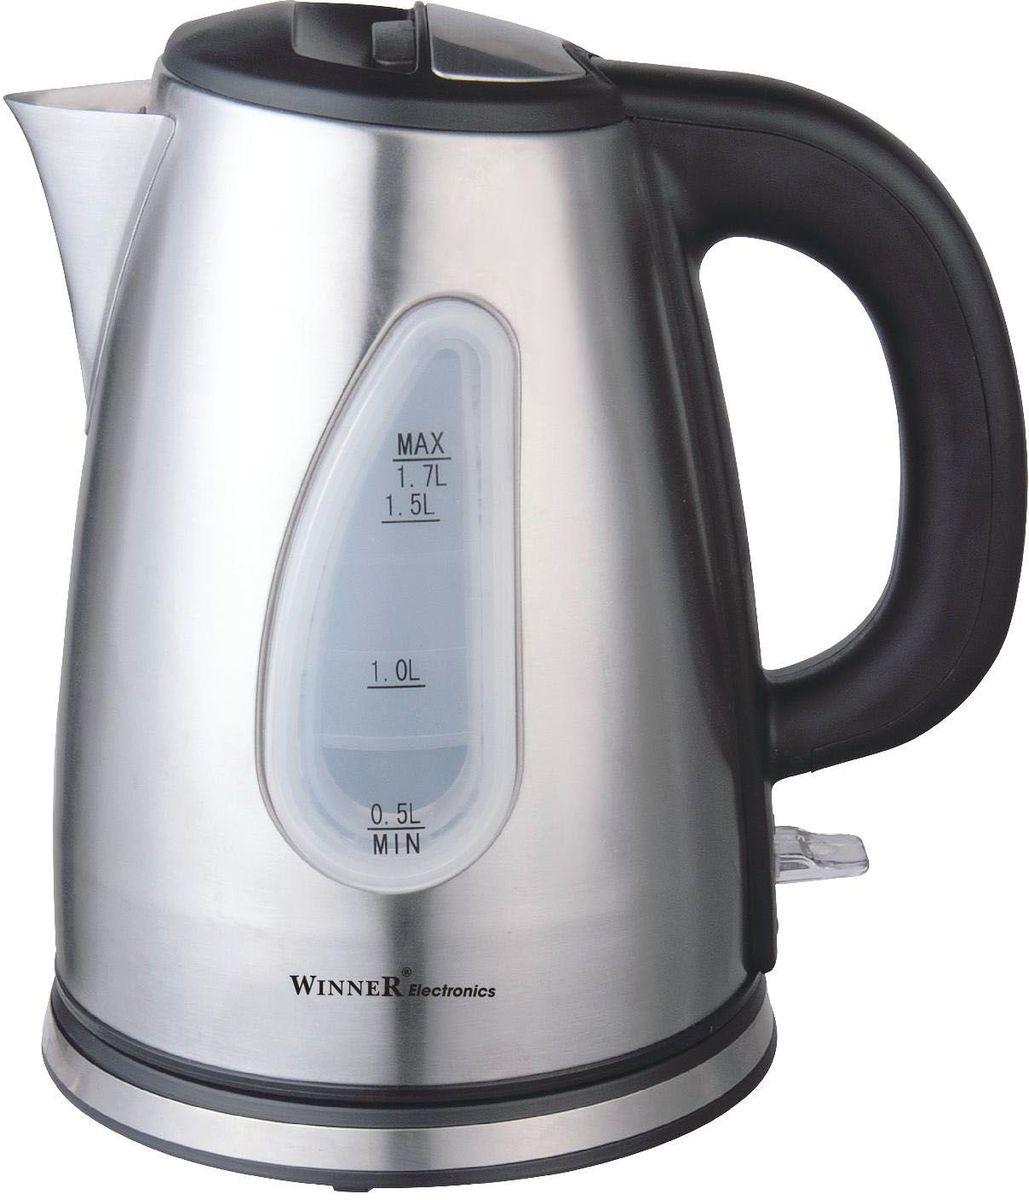 лучшая цена Winner Electronics WR-127 электрический чайник